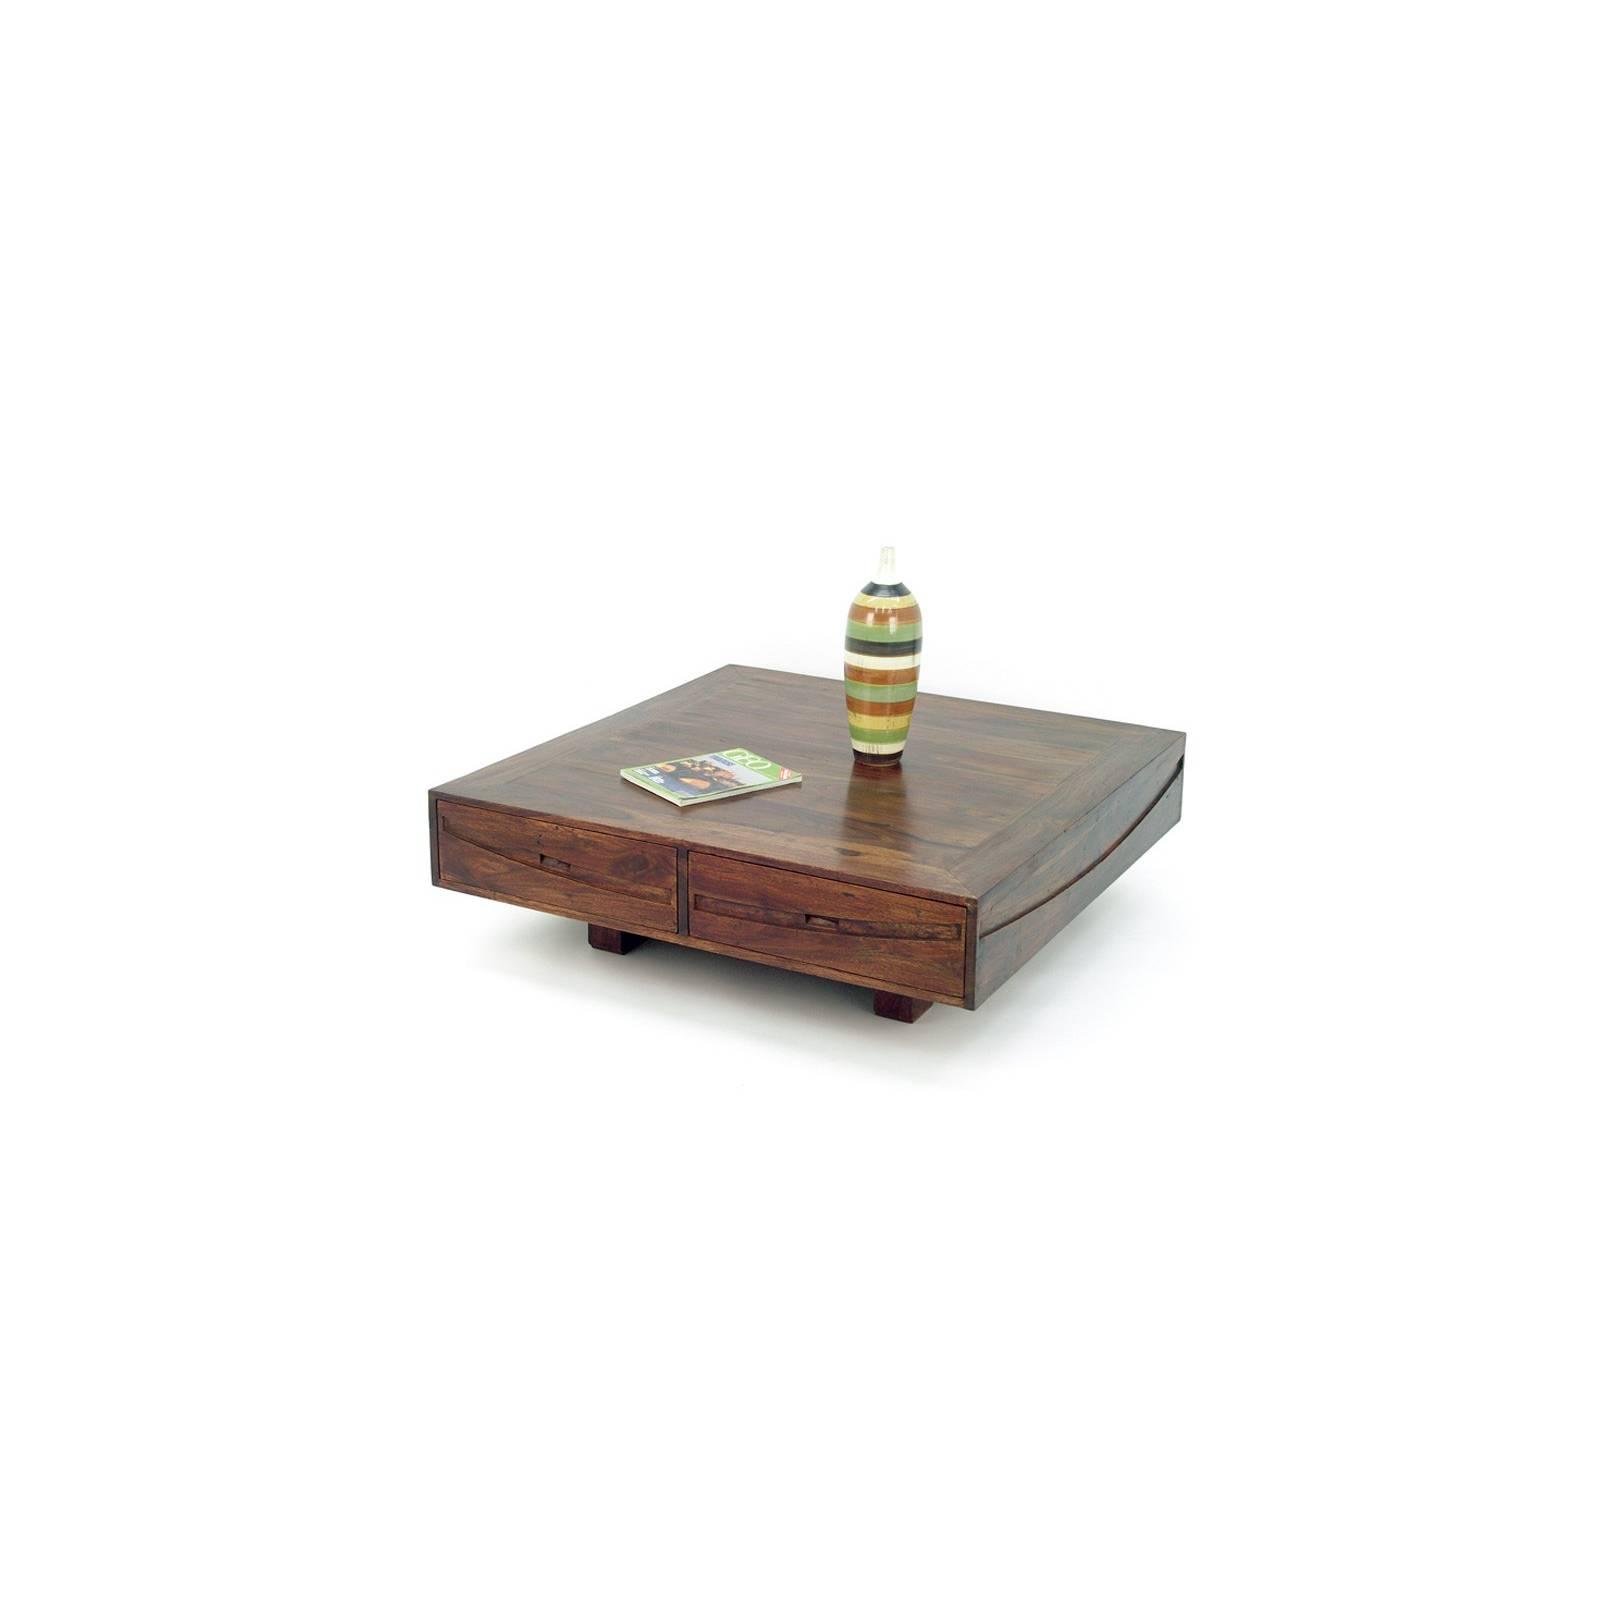 Table Basse Soleil Levant Palissandre - achat meubles bois exotique